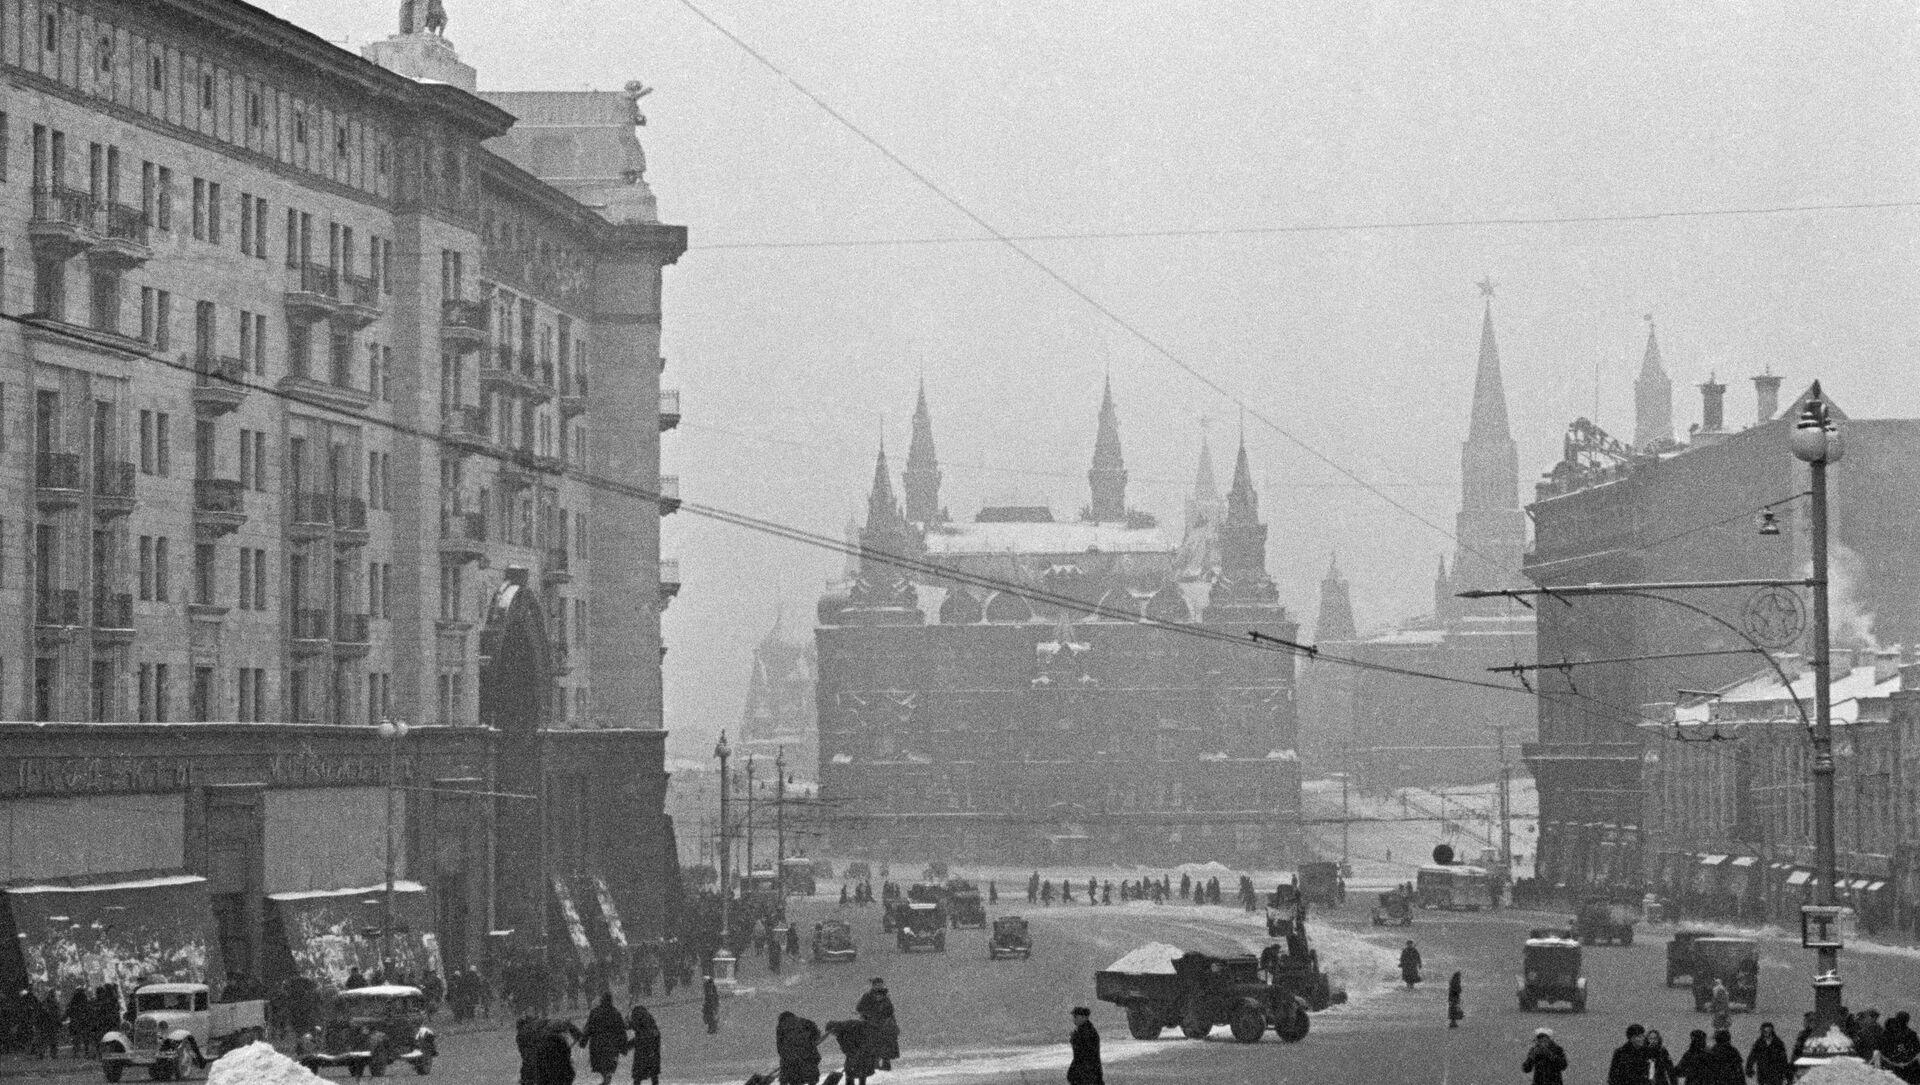 El Museo Estatal de Historia en Moscú durante la Gran Guerra Patria - Sputnik Mundo, 1920, 20.11.2020